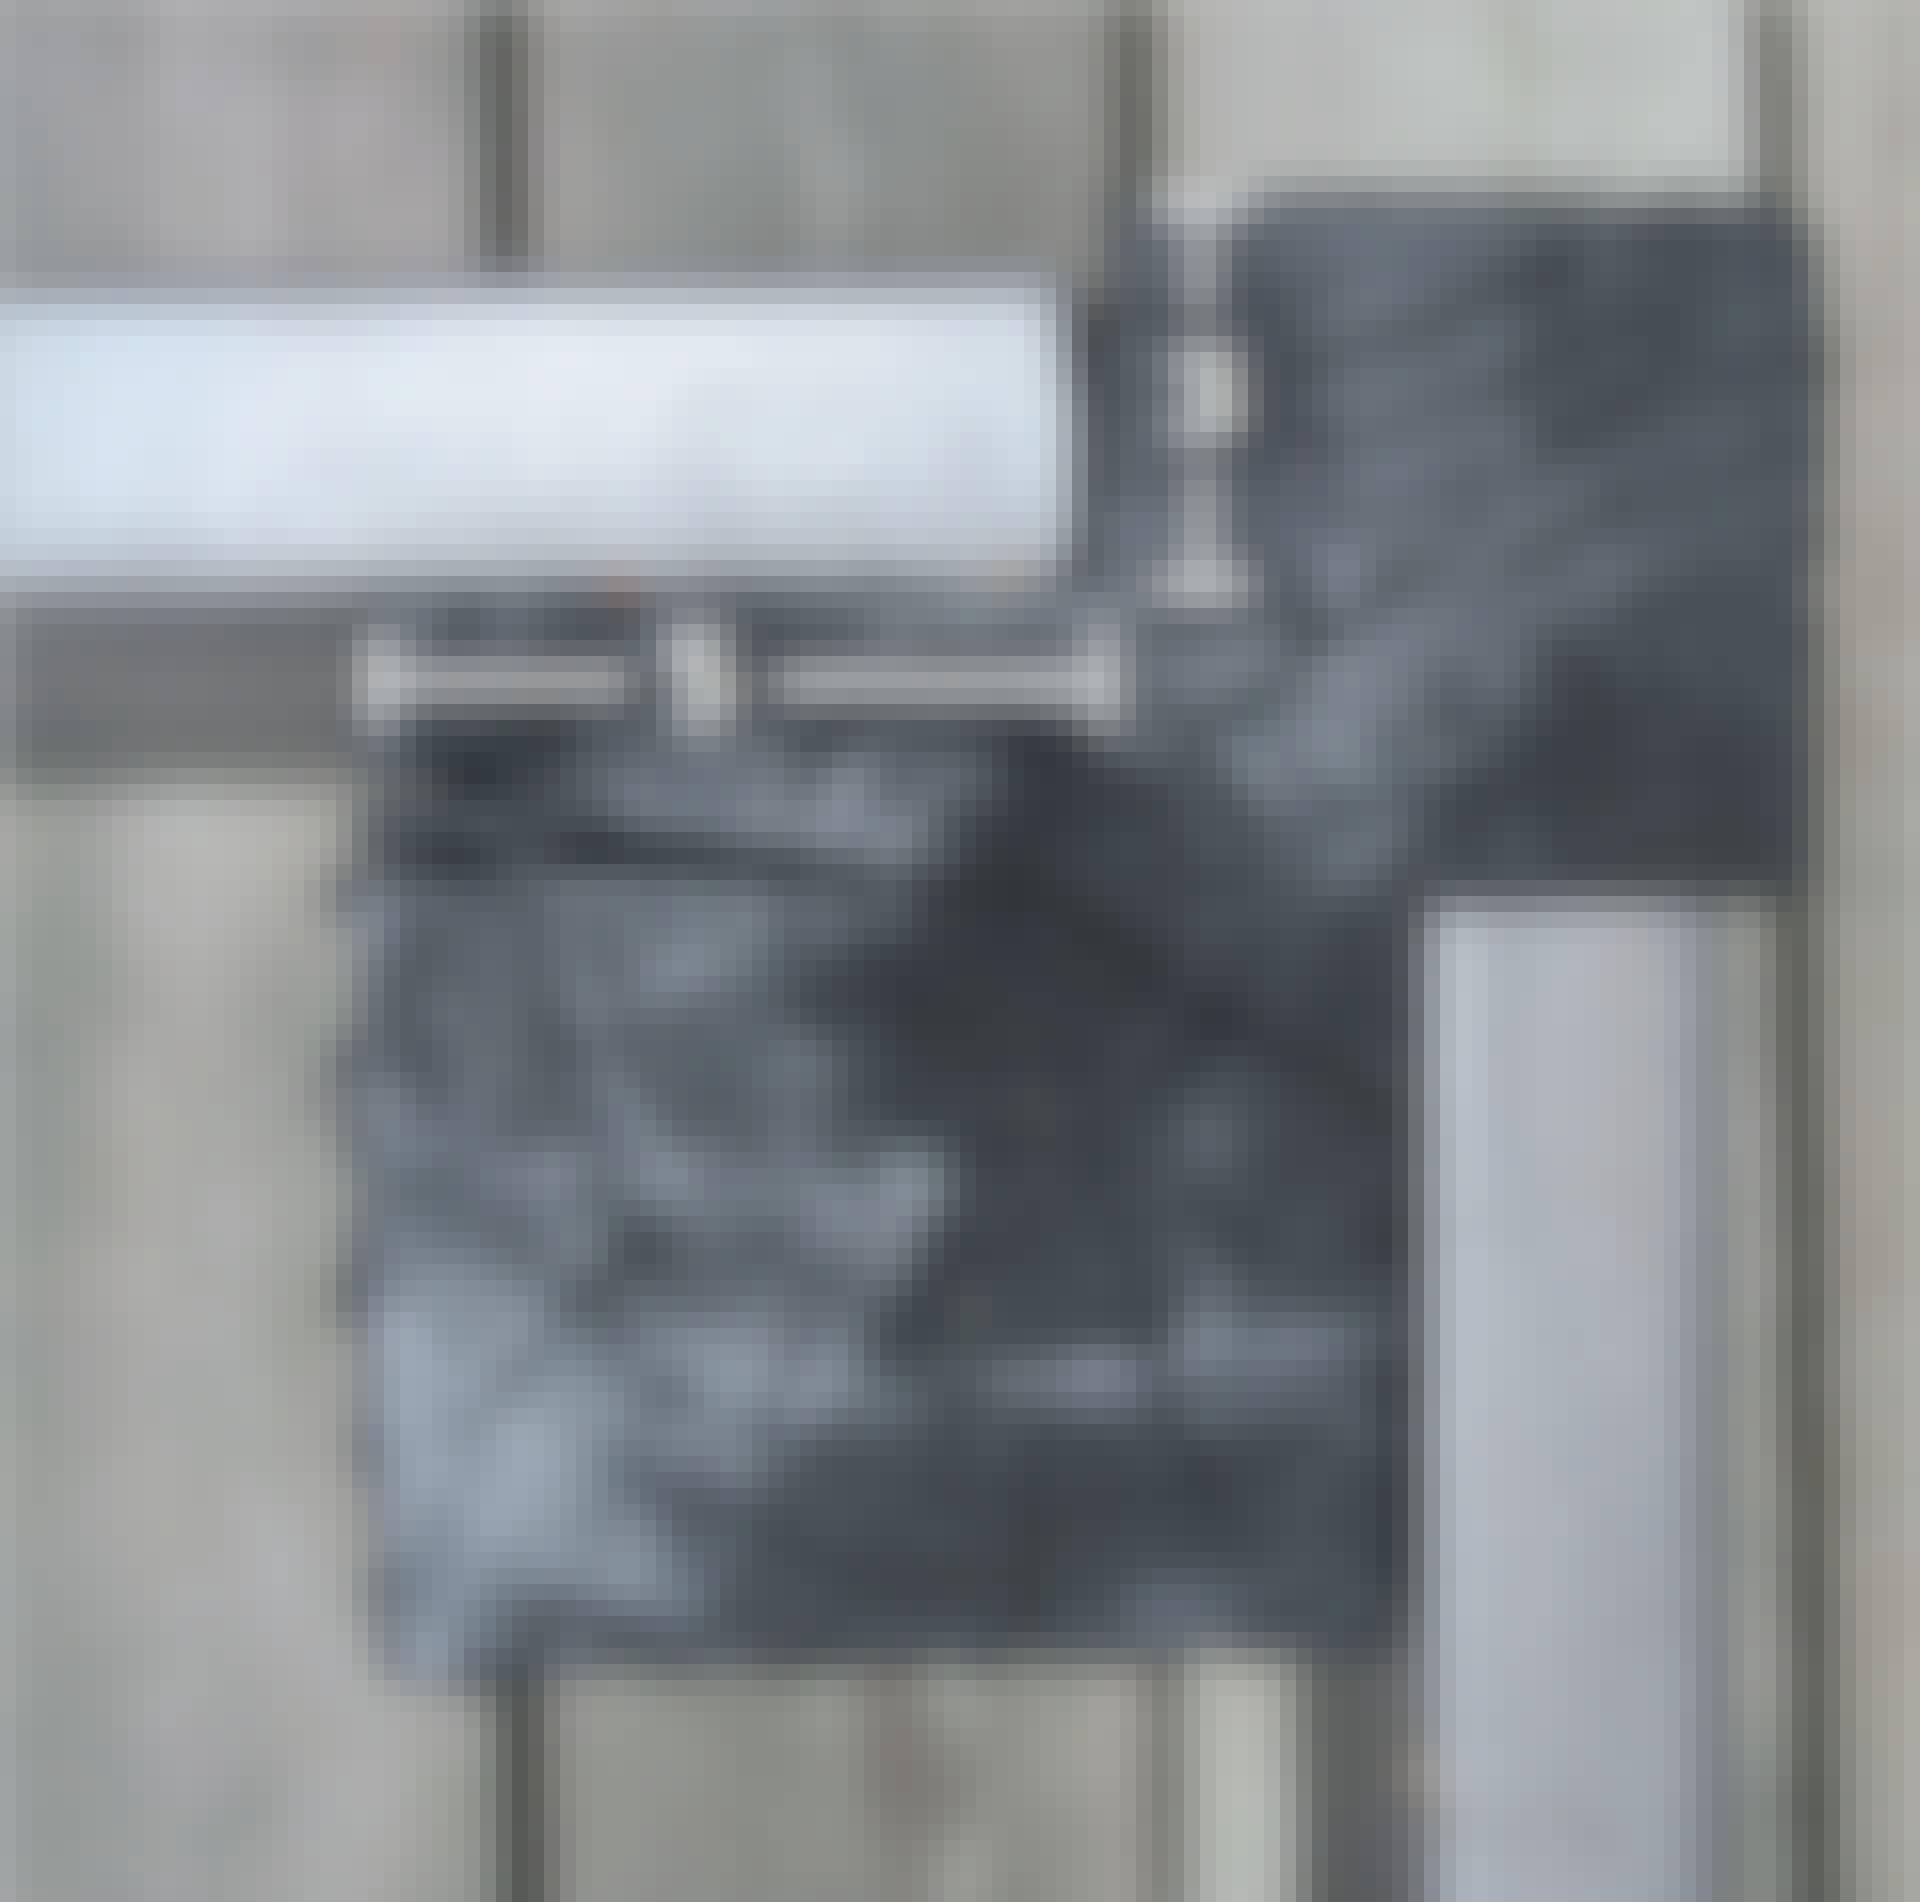 Säilytyslaatikko ulos tee itse: Kun sahataan 30 mm tolpan yhdestä sivusta ja 50 mm toisesta sivusta sisäänpäin, syntyy tyylikäs ja vankka liitos.